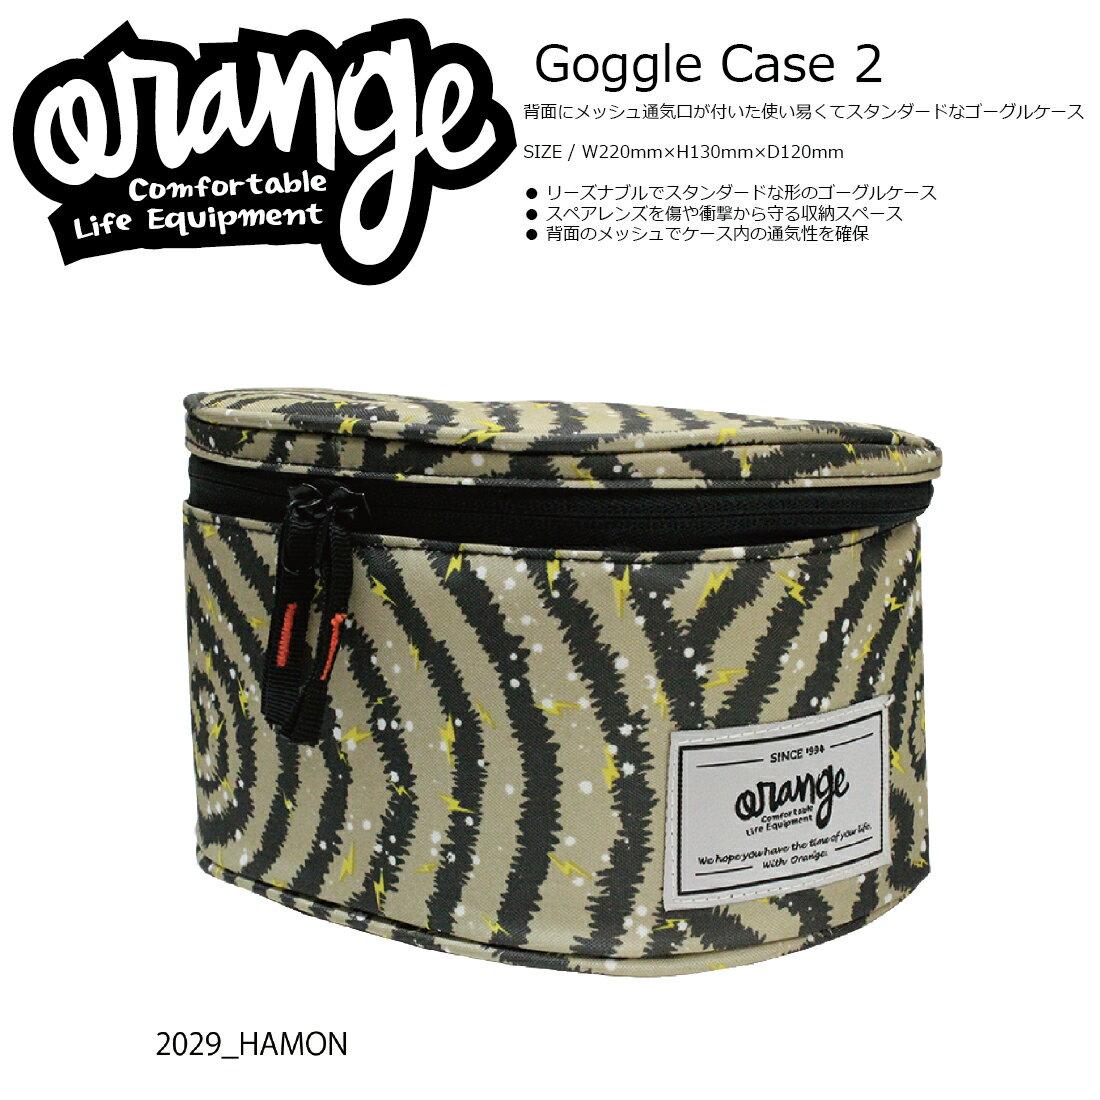 Oran'ge Goggle Case2 2029 HAMON オレンジ ゴーグルケース 2017 2017-18